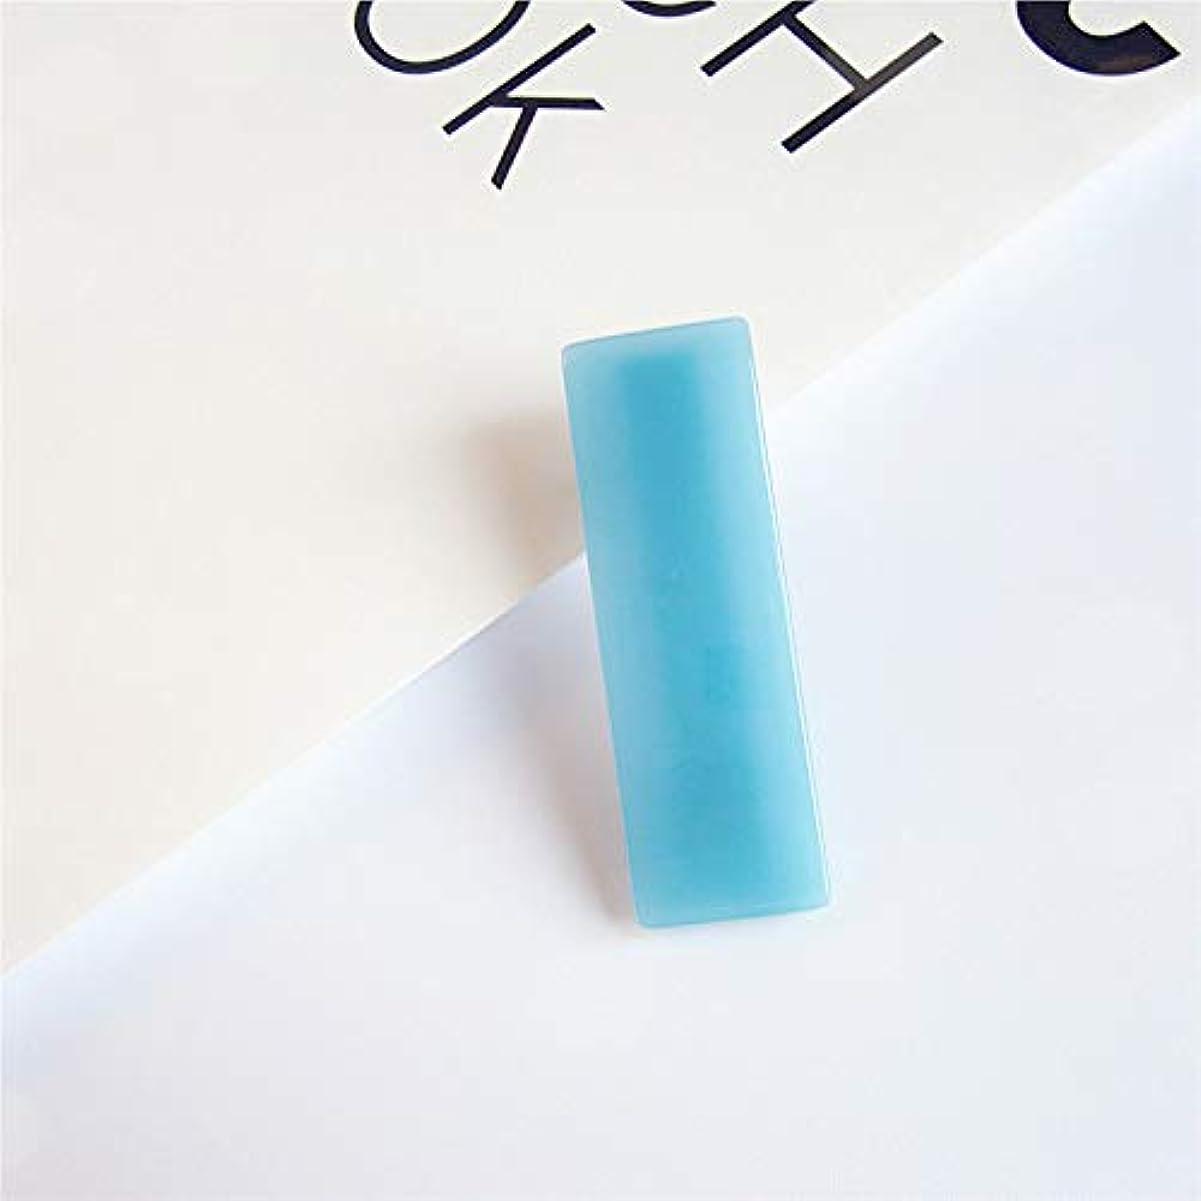 こんにちはレンダーステンレスHuaQingPiJu-JP 1 Pcシンプルなエレガントなヘアクリップファッションアクセサリー(ブルー)